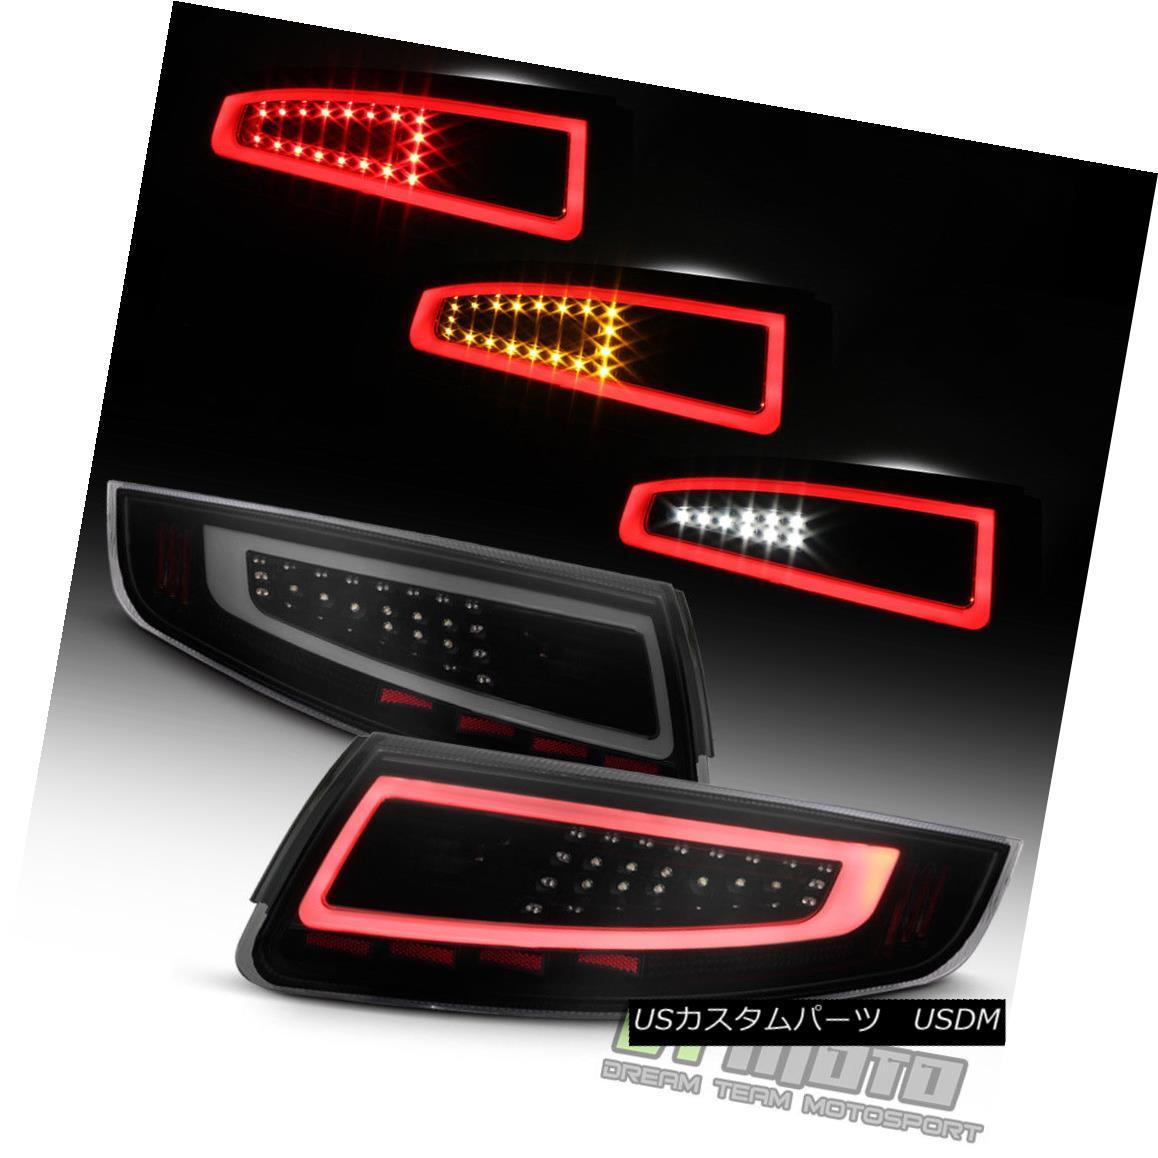 車用品 バイク用品 >> パーツ ライト ランプ テールライト Black Smoke 2005-2008 LEDチューブテールライト 911 LED Lights Sequential 国際ブランド Signal Tail Tube Porsche 997 送料無料(一部地域を除く)